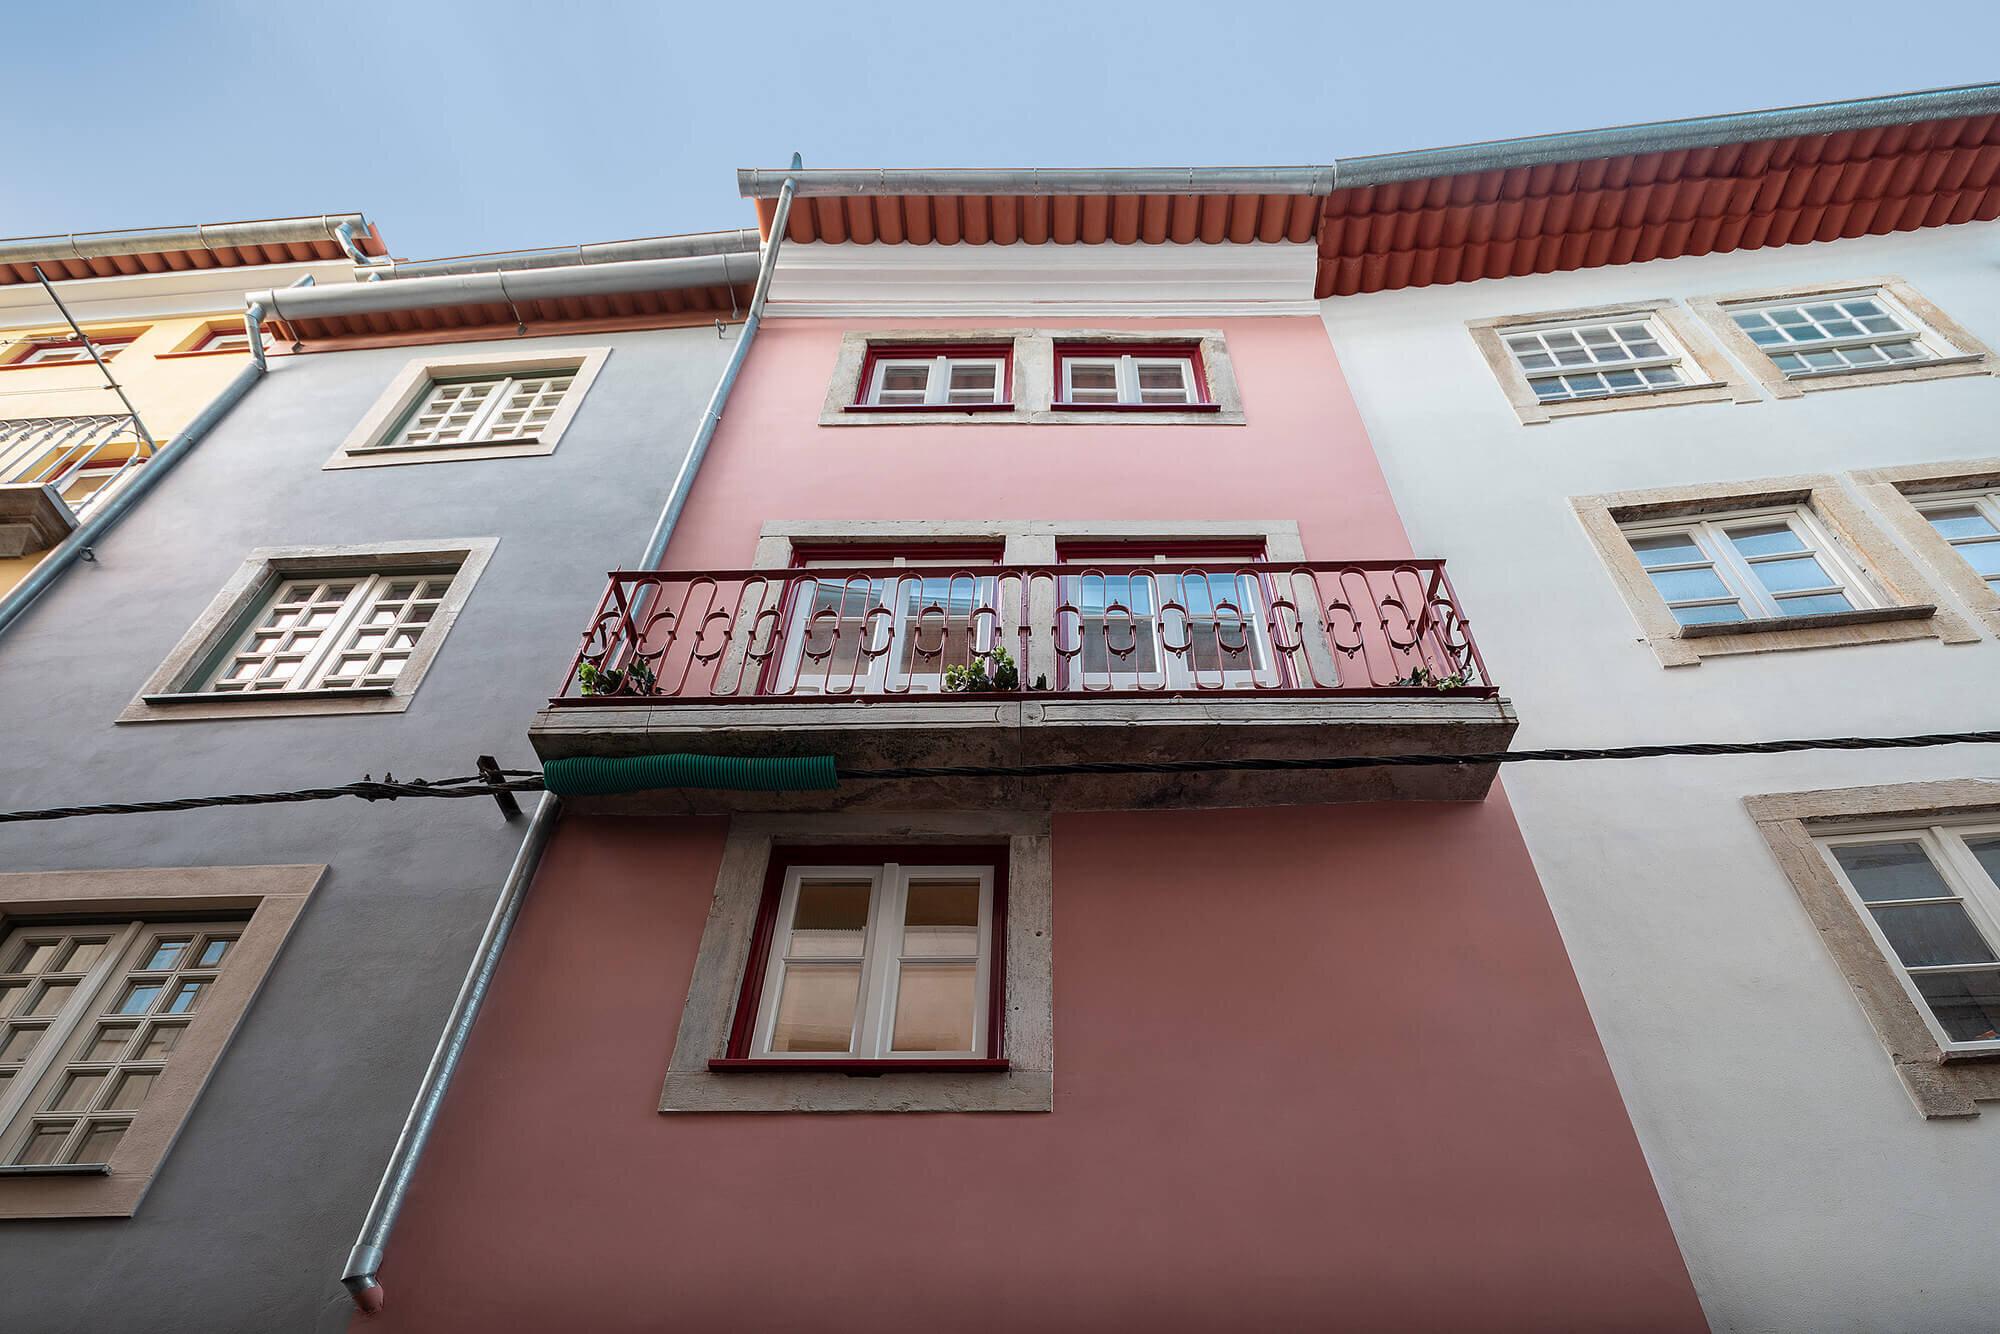 Loureiro-59-José-Pedro-Lima-Portugal-6